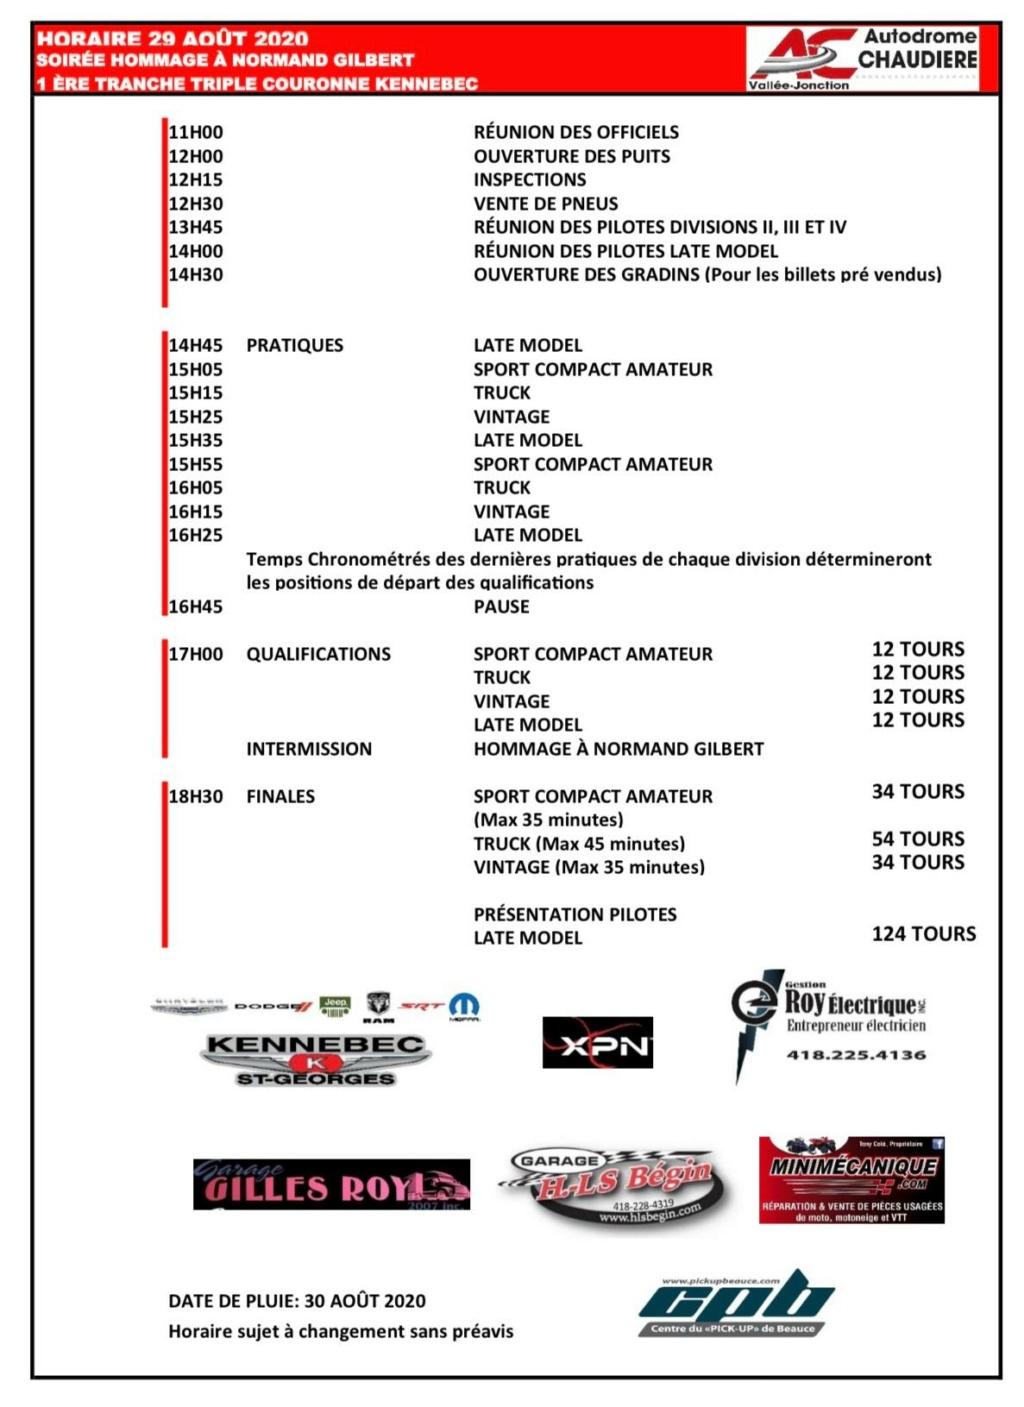 Autodrome Chaudière - Horaire 29 août 2020 2910